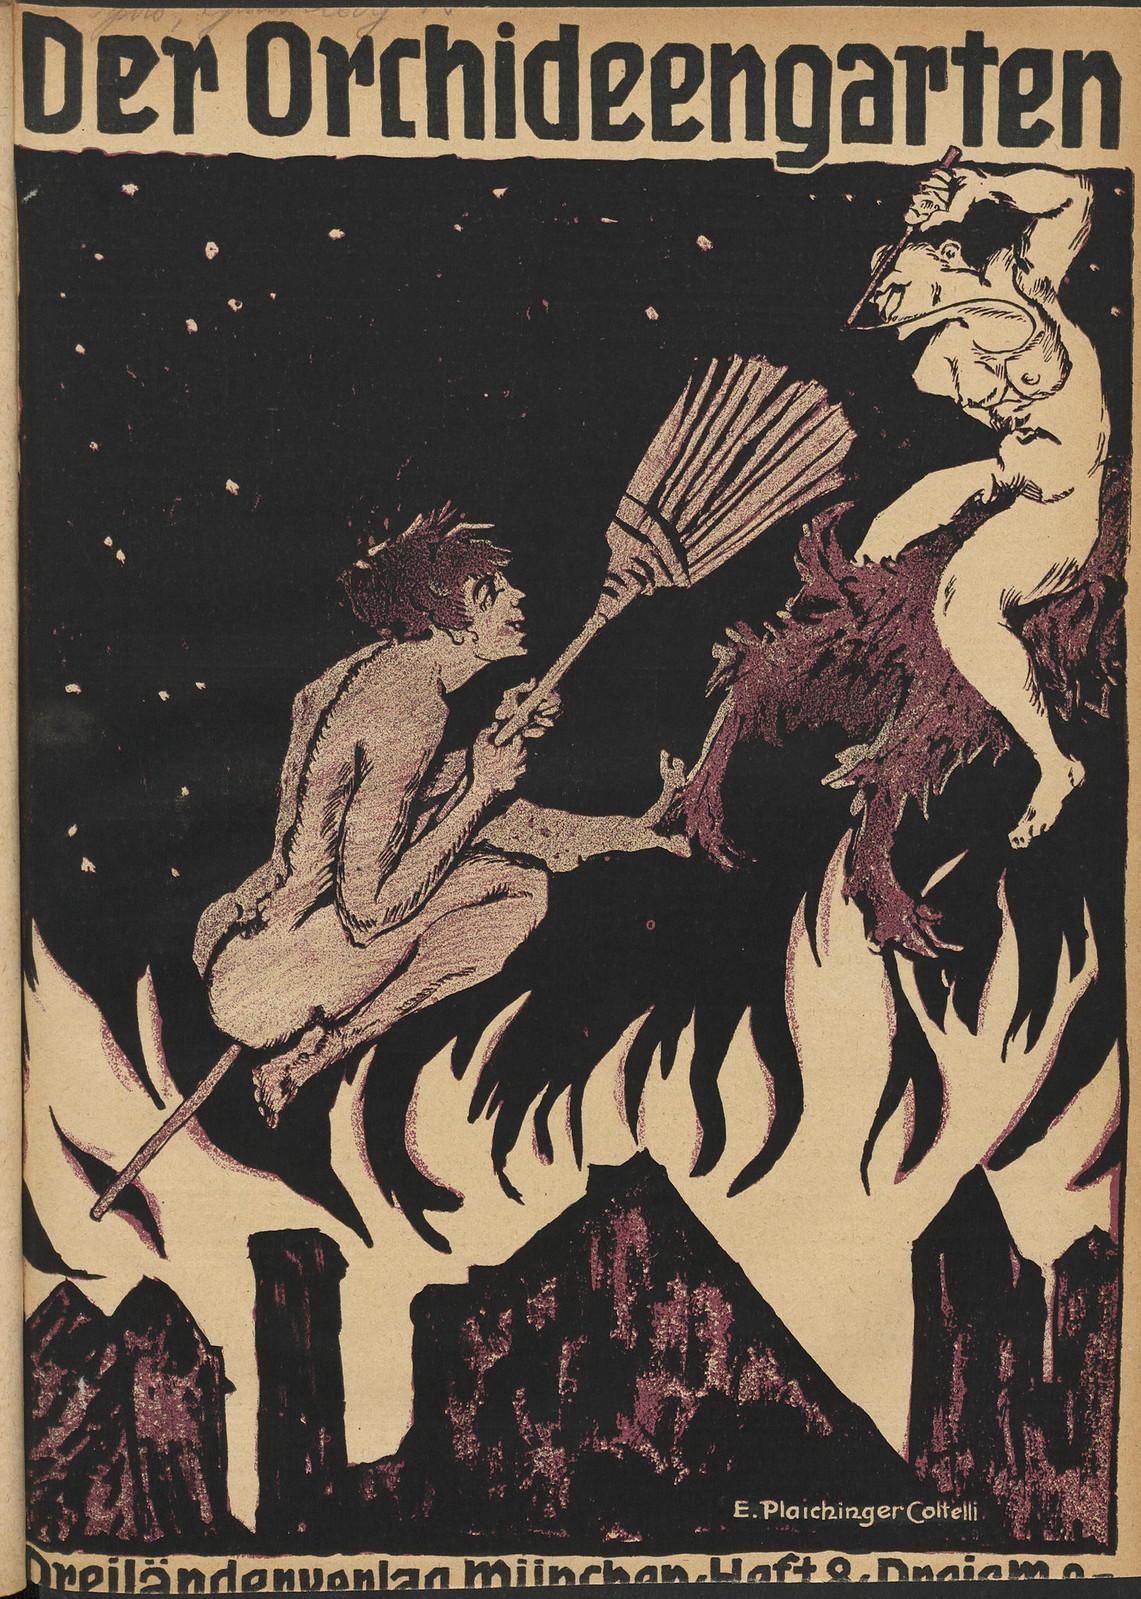 Der Orchideengarten - 1920 (Cover 8)